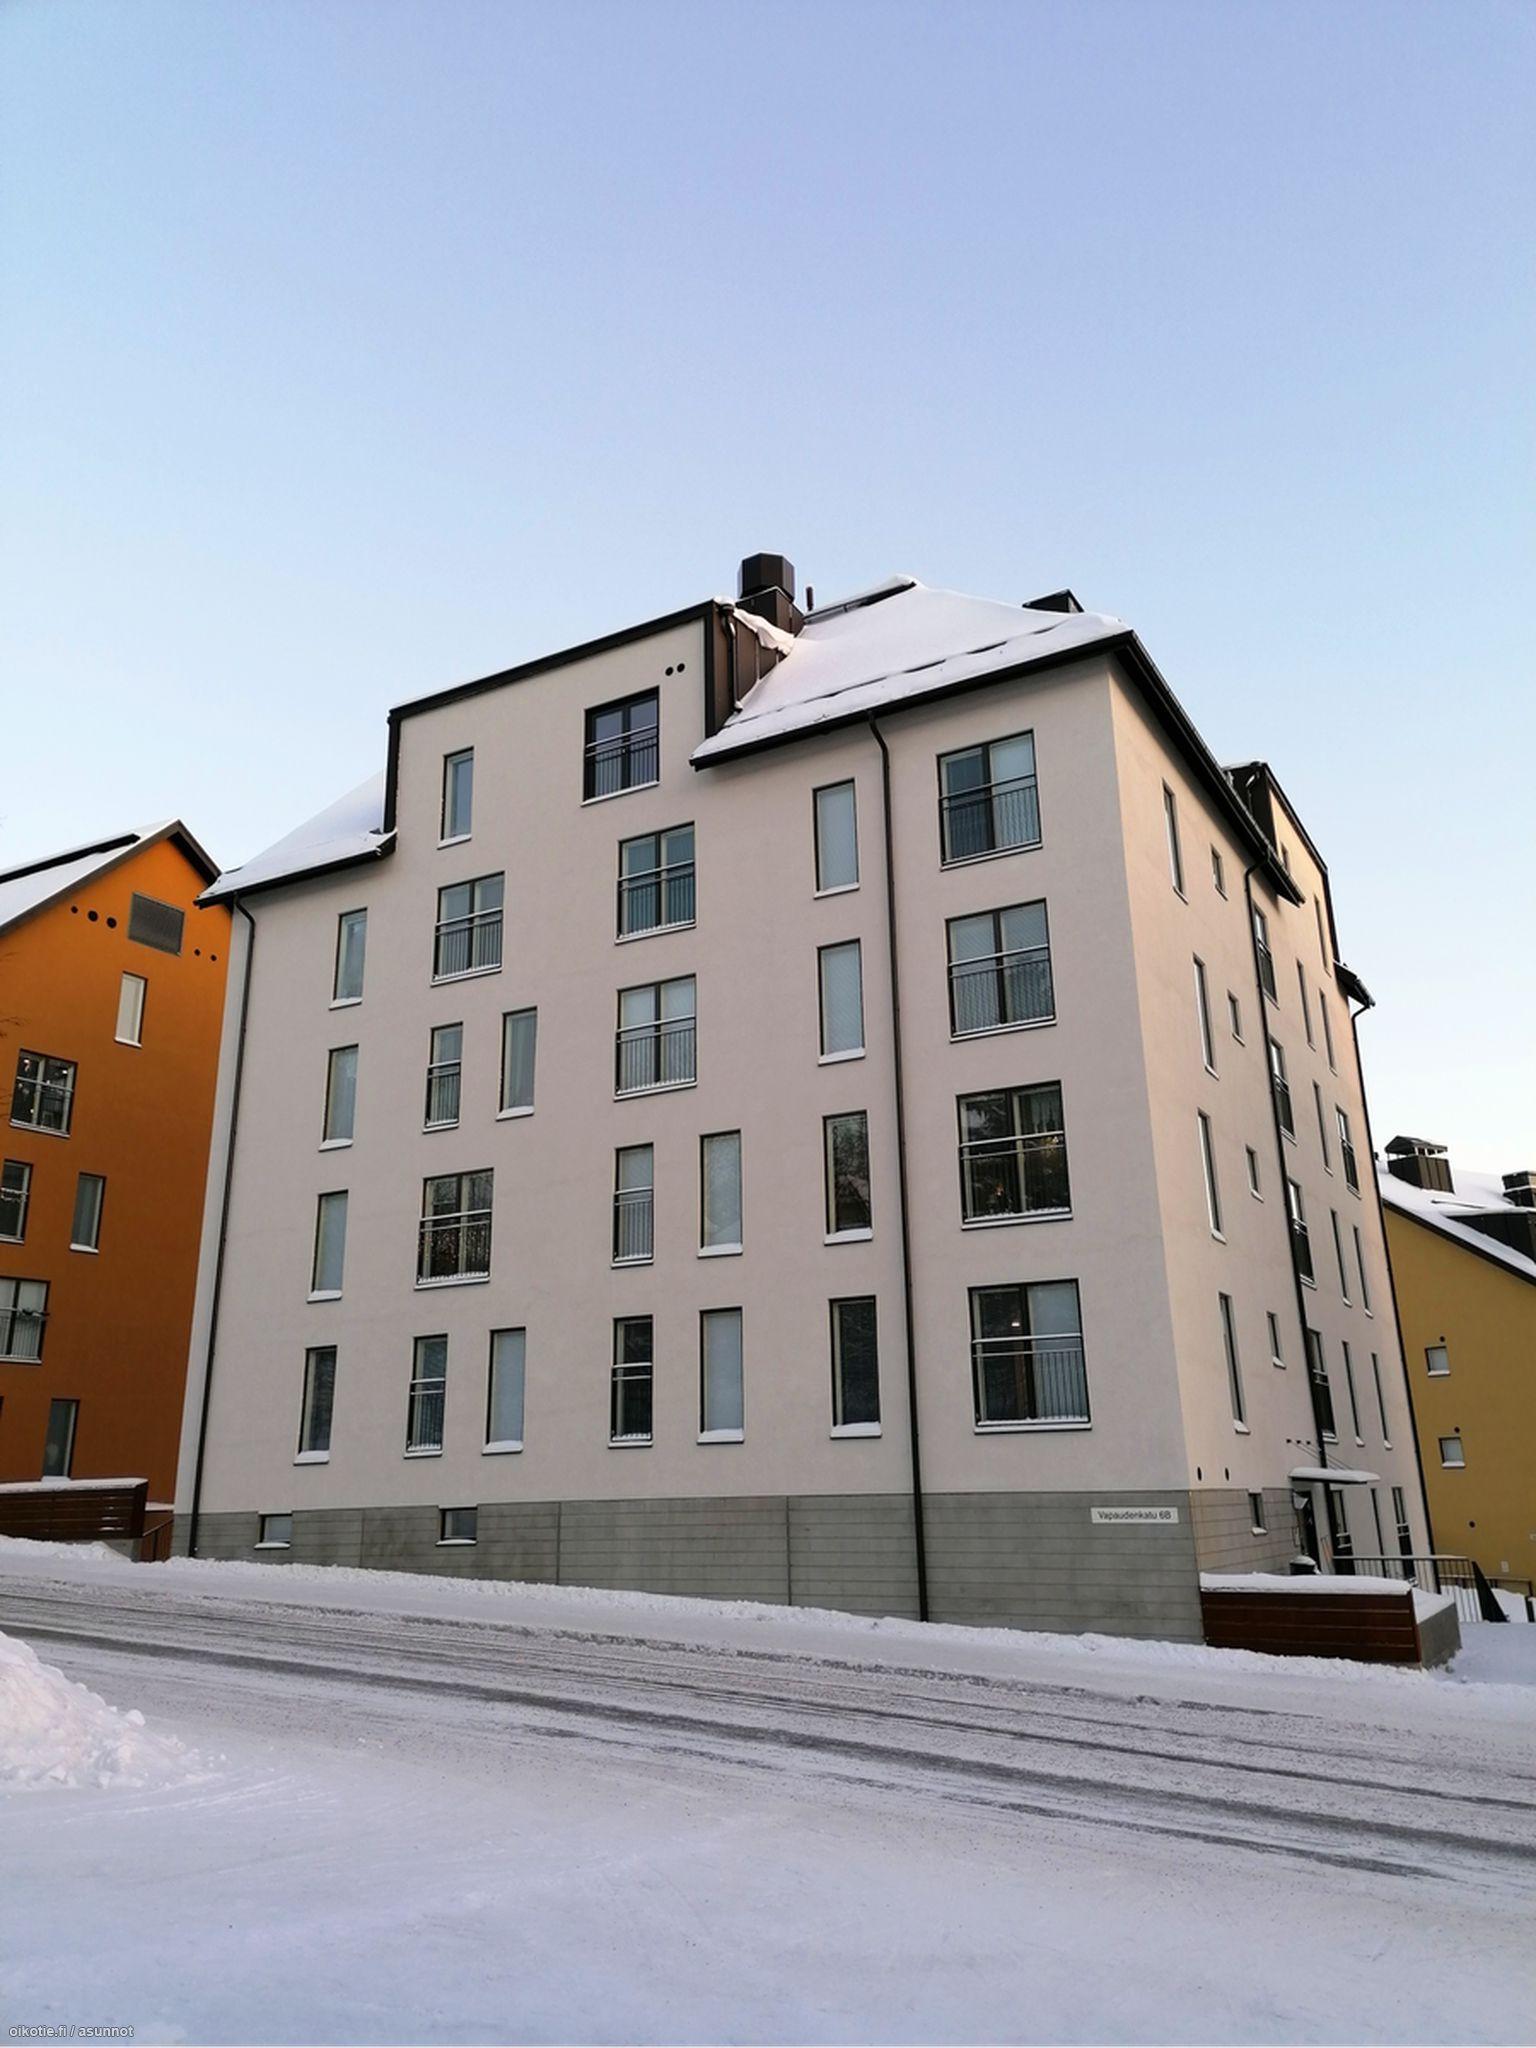 Vapaudenkatu Jyväskylä